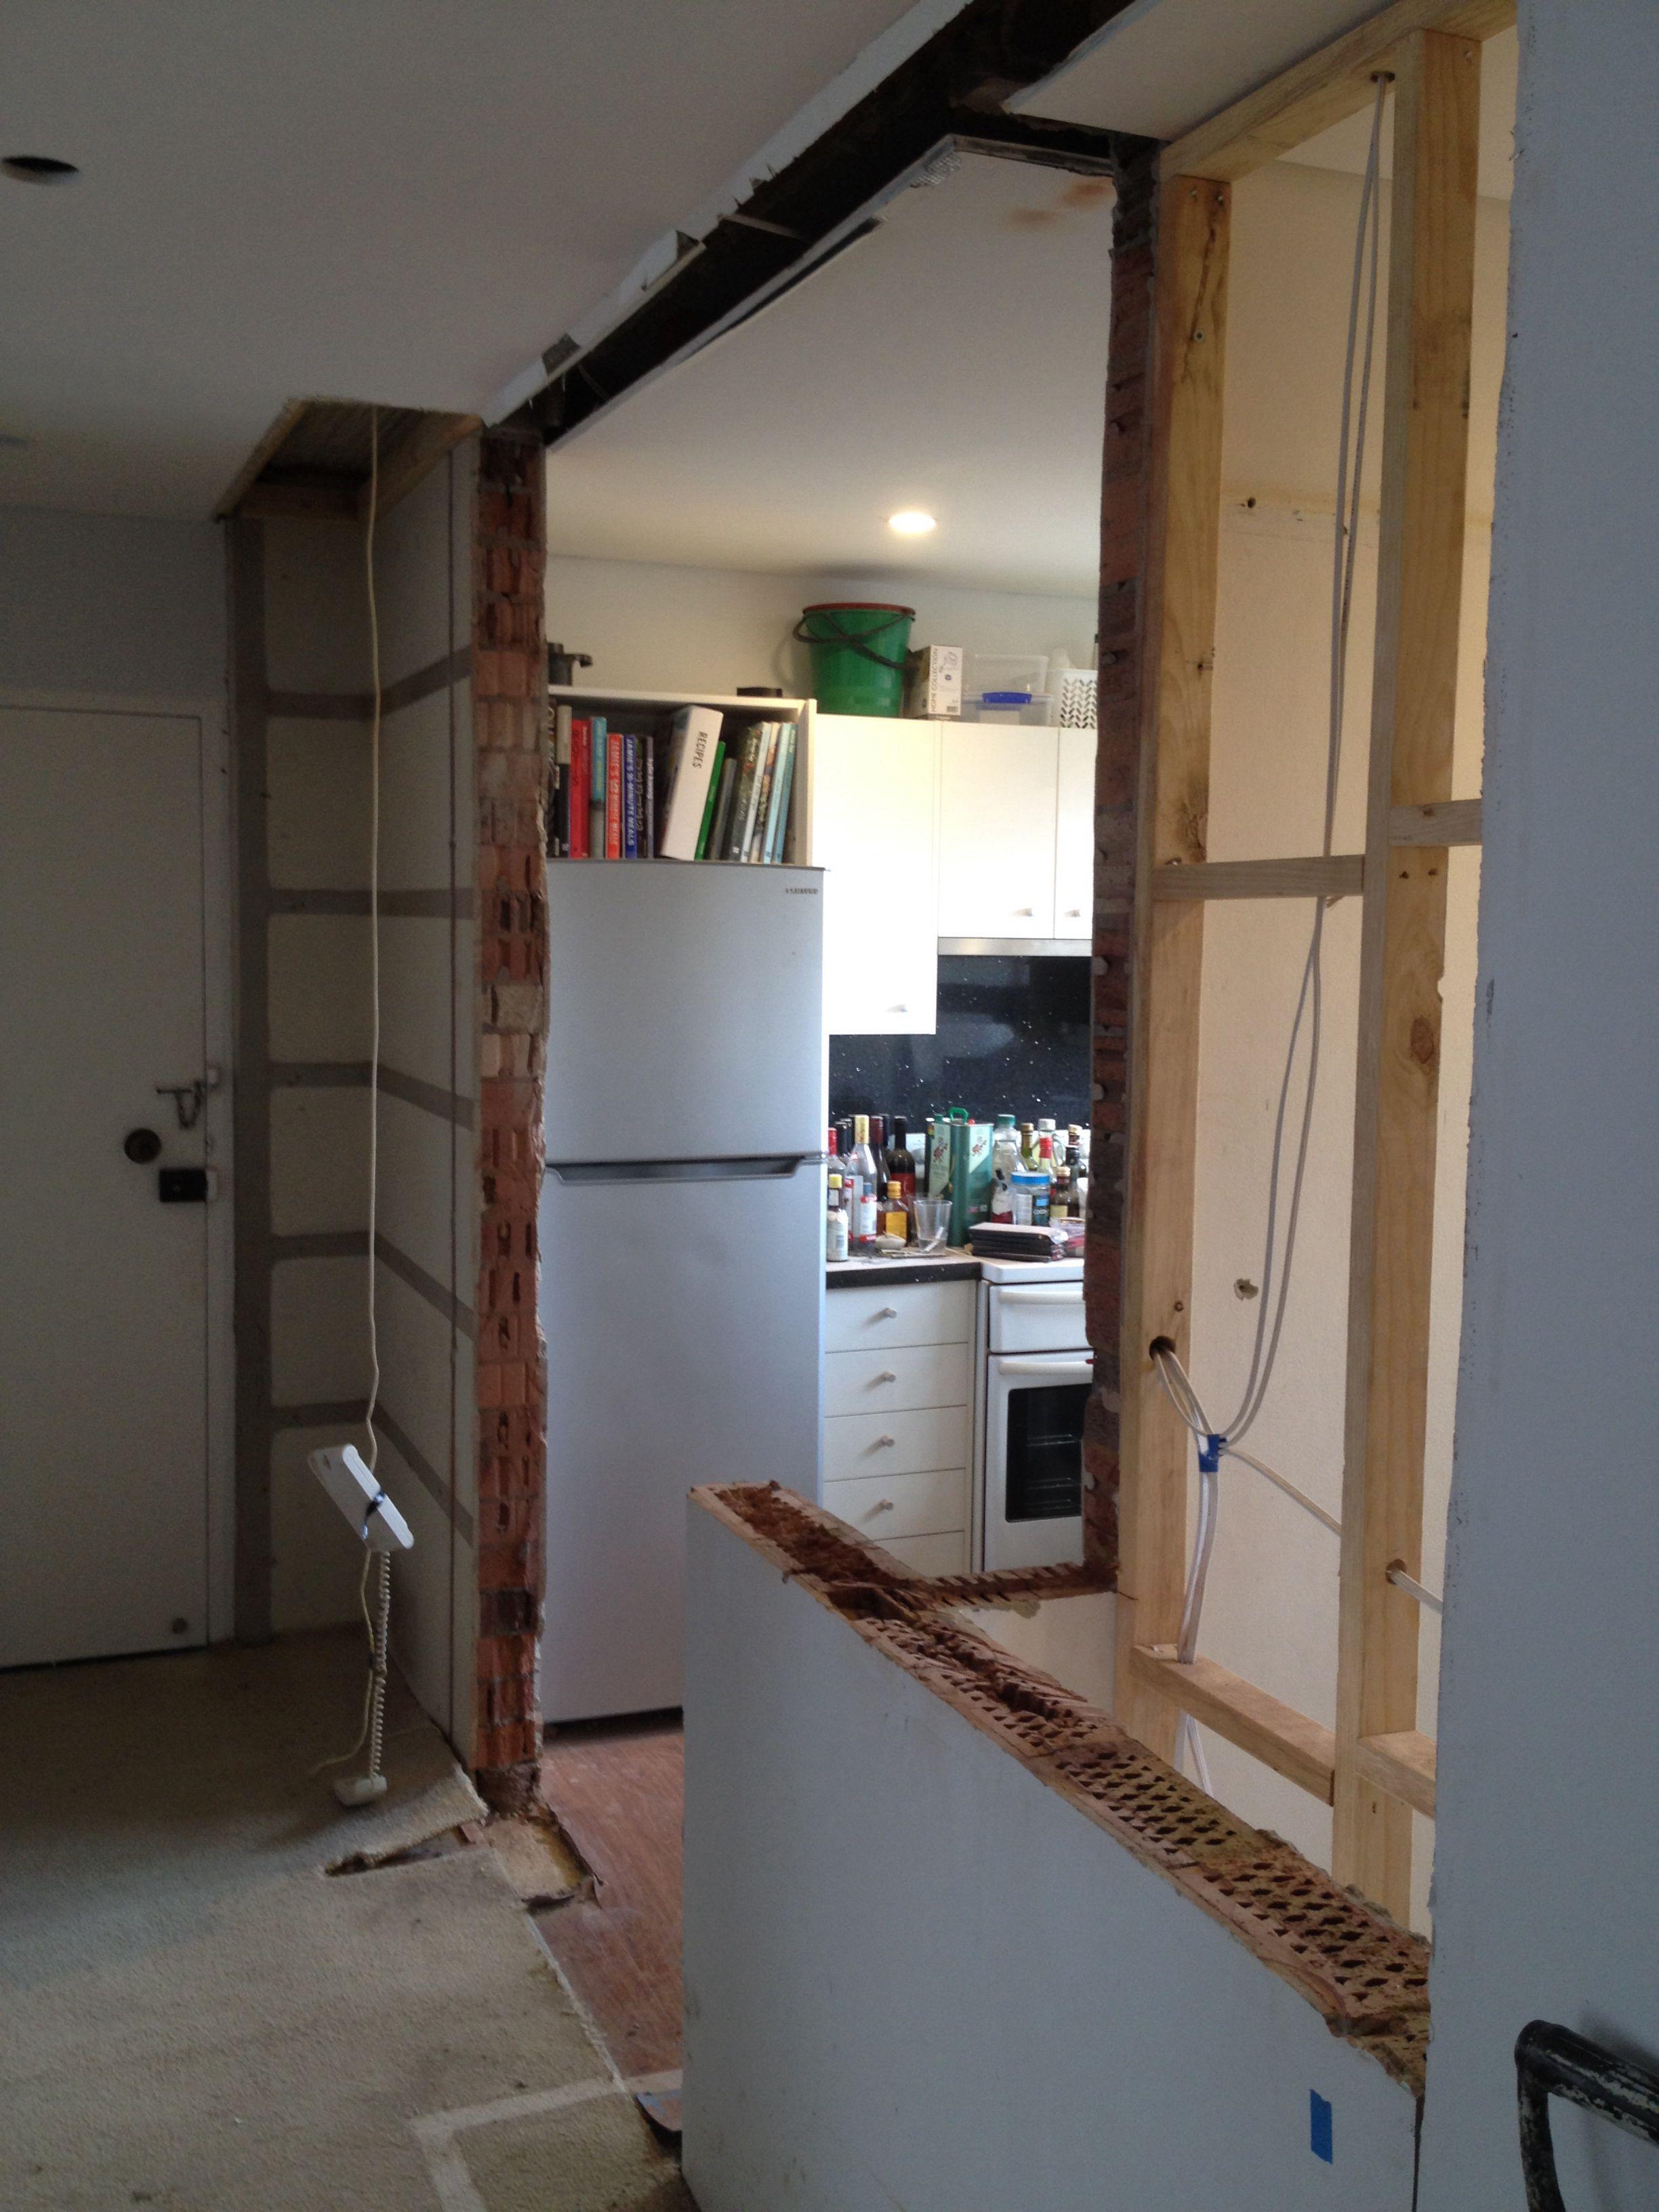 Kitchen in progress - stage 1